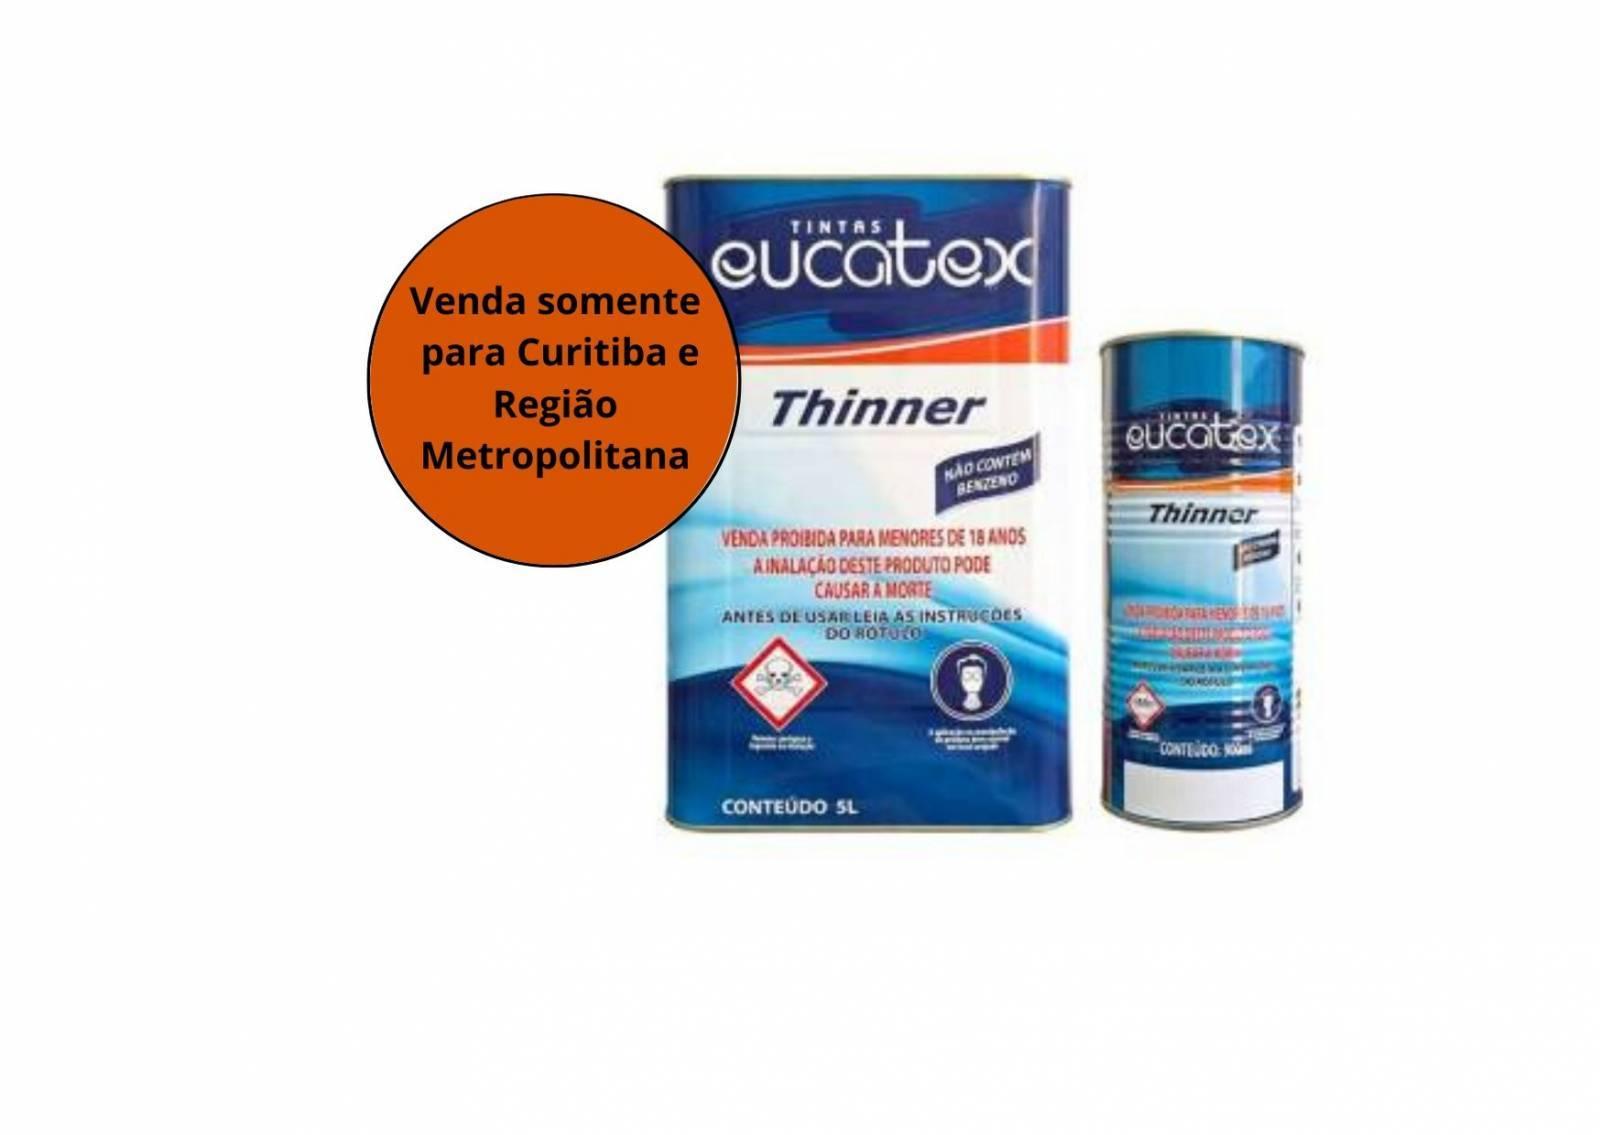 Thinner Eucatex - MATERGI MATERIAIS DE CONSTRUÇÃO